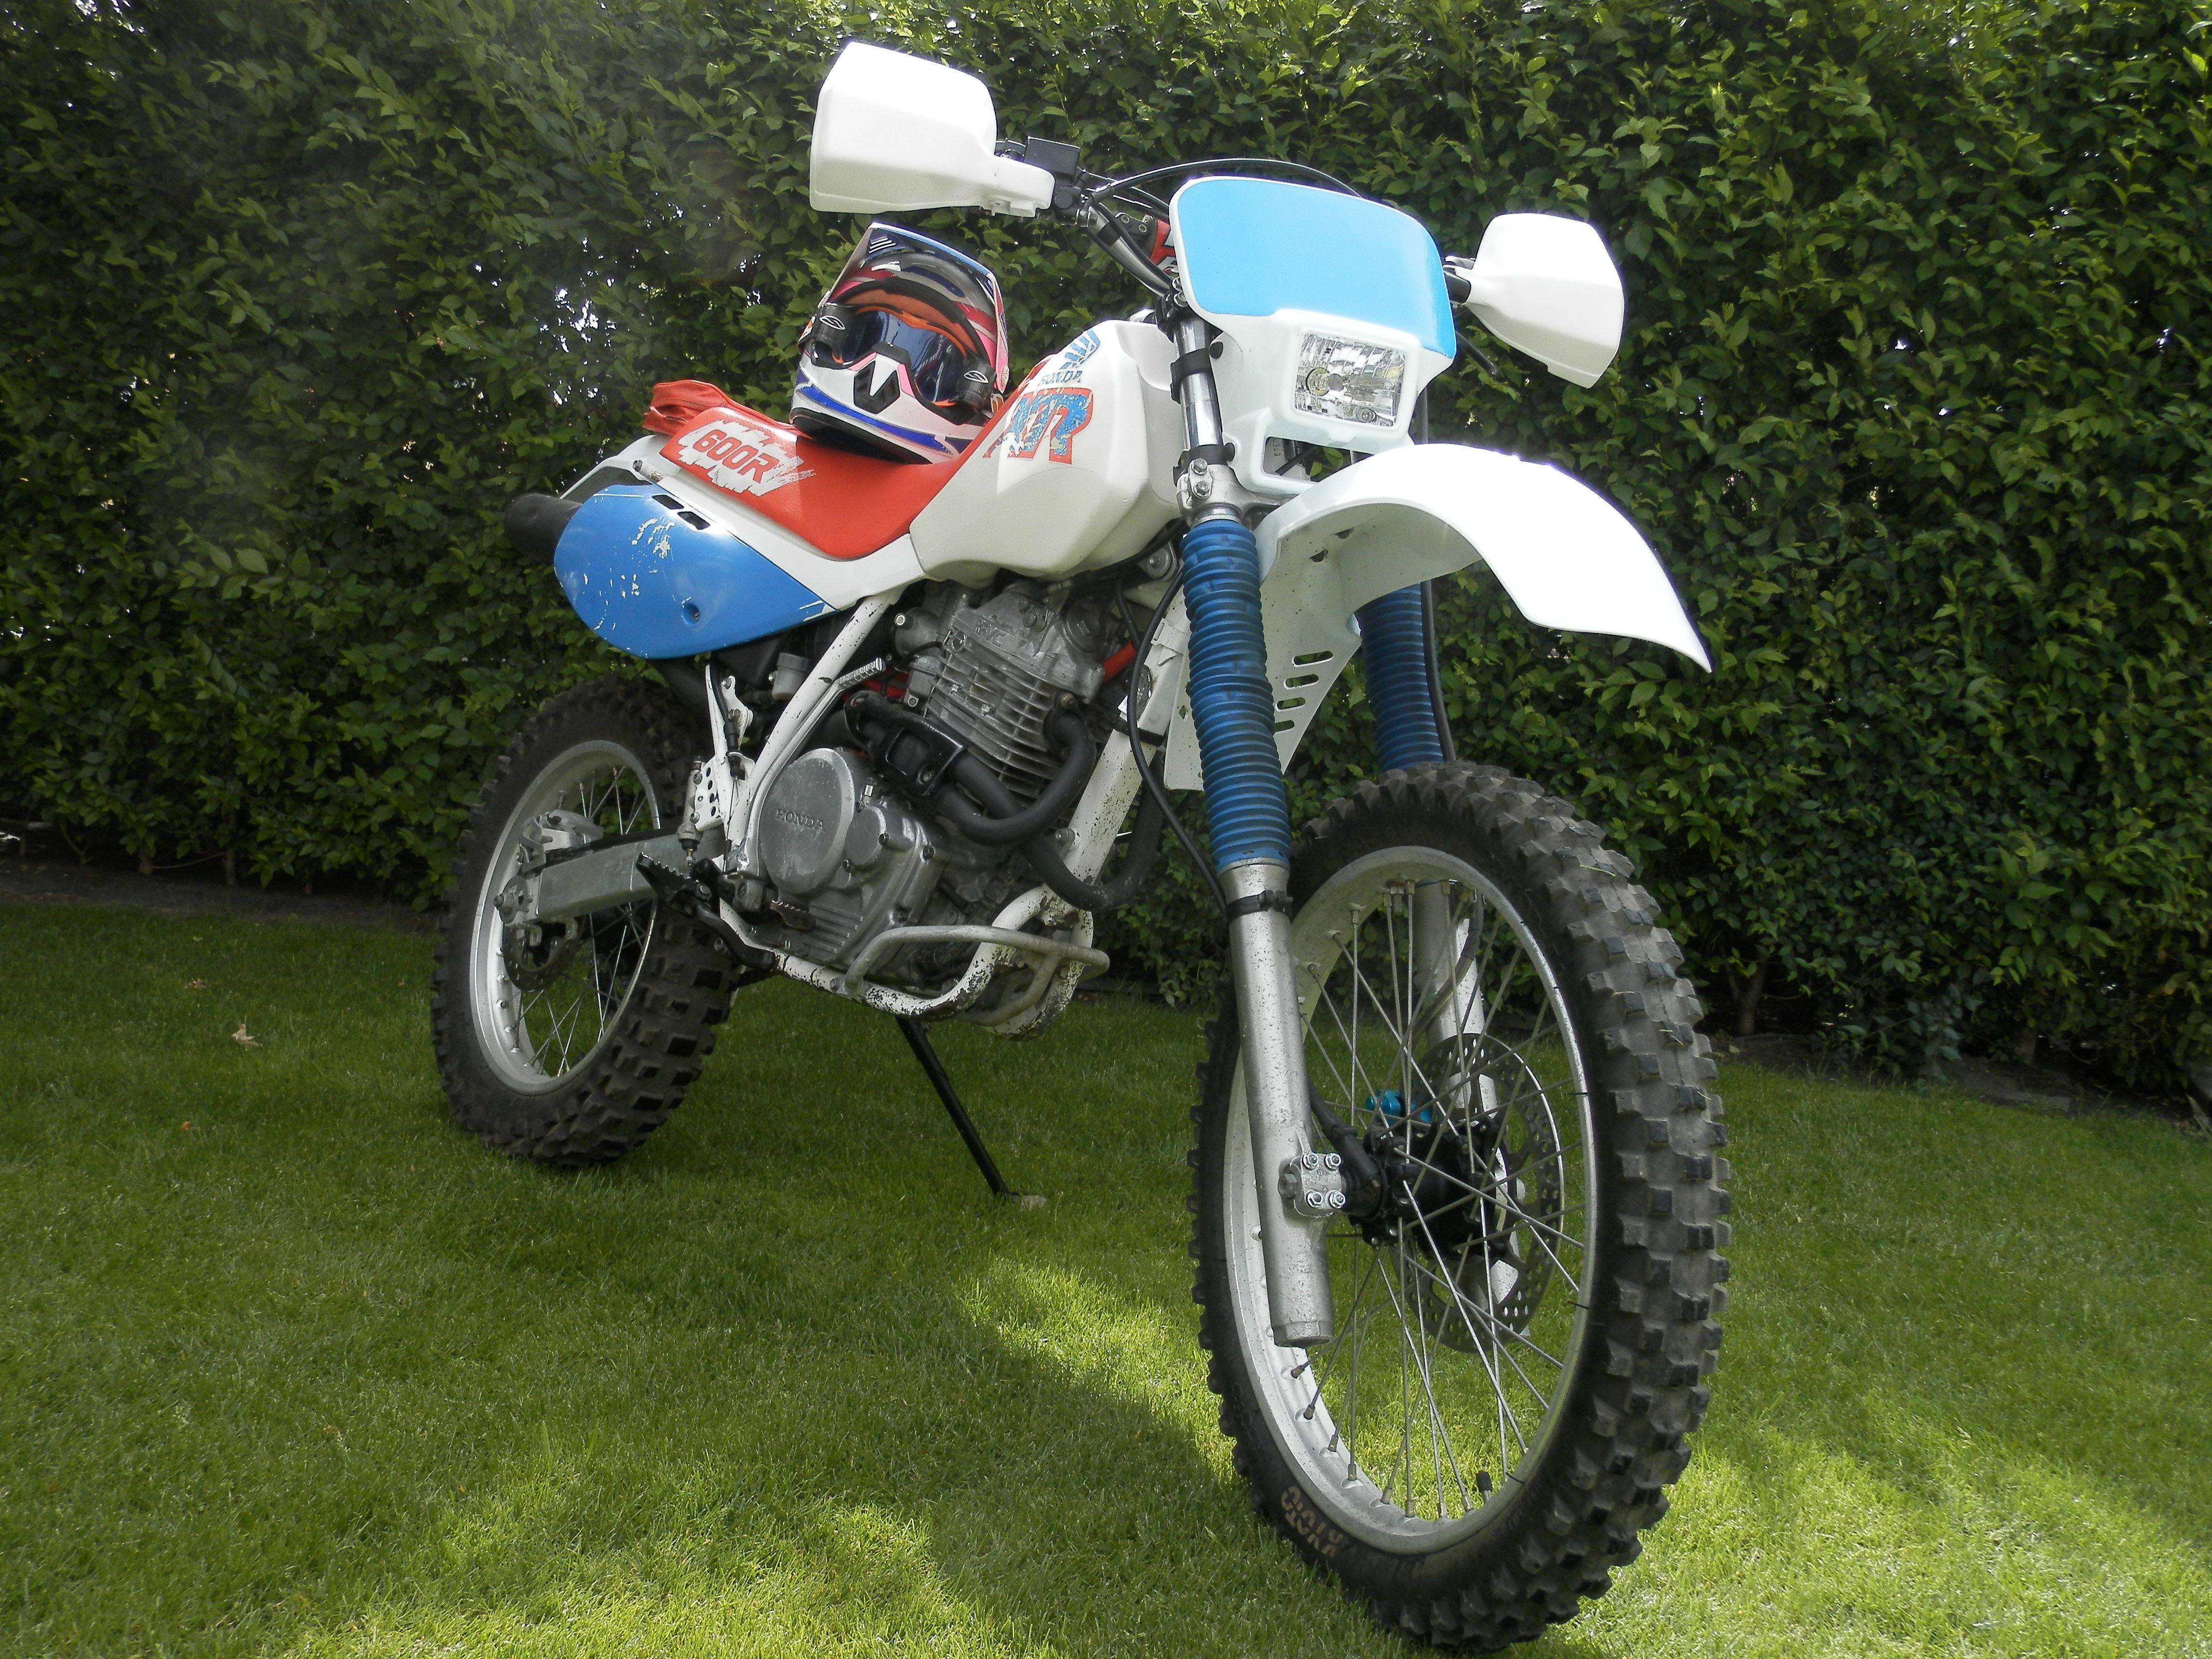 HONDA XR 600 R - Motocasion.com